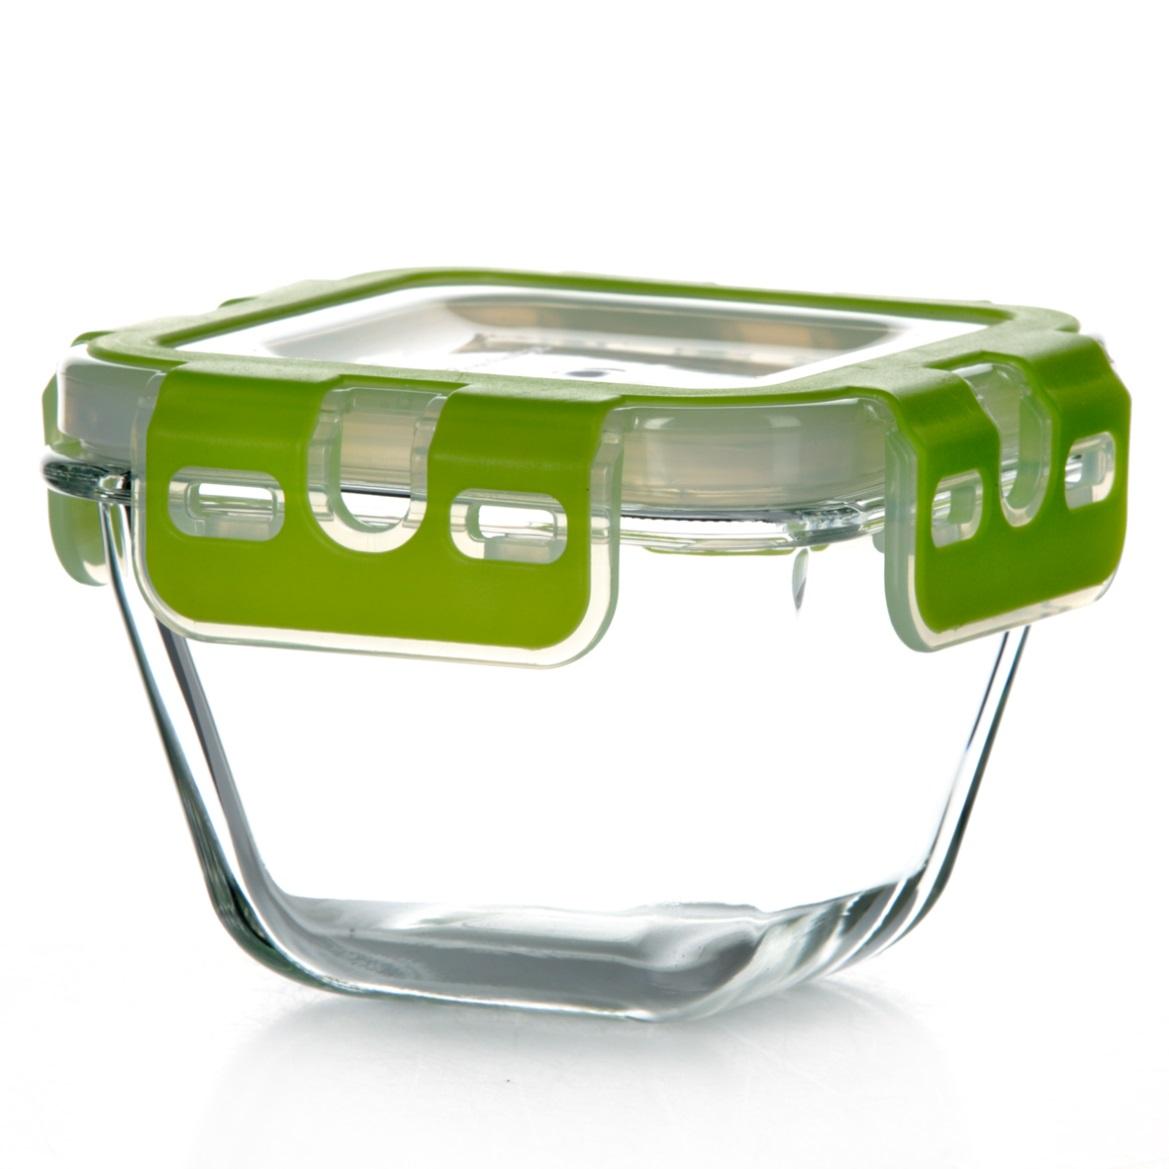 Контейнер для хранения продуктов Pasabahce Storemax, цвет: зеленый, 290 мл53562Контейнер Pasabahce Storemax, выполненный из высококачественного закаленного стекла, предназначен для хранения продуктов. Благодаря высокому качеству материала и герметичной пластиковой крышке с защелками продукты в контейнере дольше сохранят свежесть, сочность и аромат. Крышка имеет силиконовую вставку, предотвращающую выскальзывание контейнера из рук при открывании. Можно мыть в посудомоечной машине и использовать в микроволновой печи. Подходит для хранения в холодильнике. Размер контейнера: 10,3 см х 10,3 см. Высота (без учета крышки): 6,5 см. Объем: 290 мл.